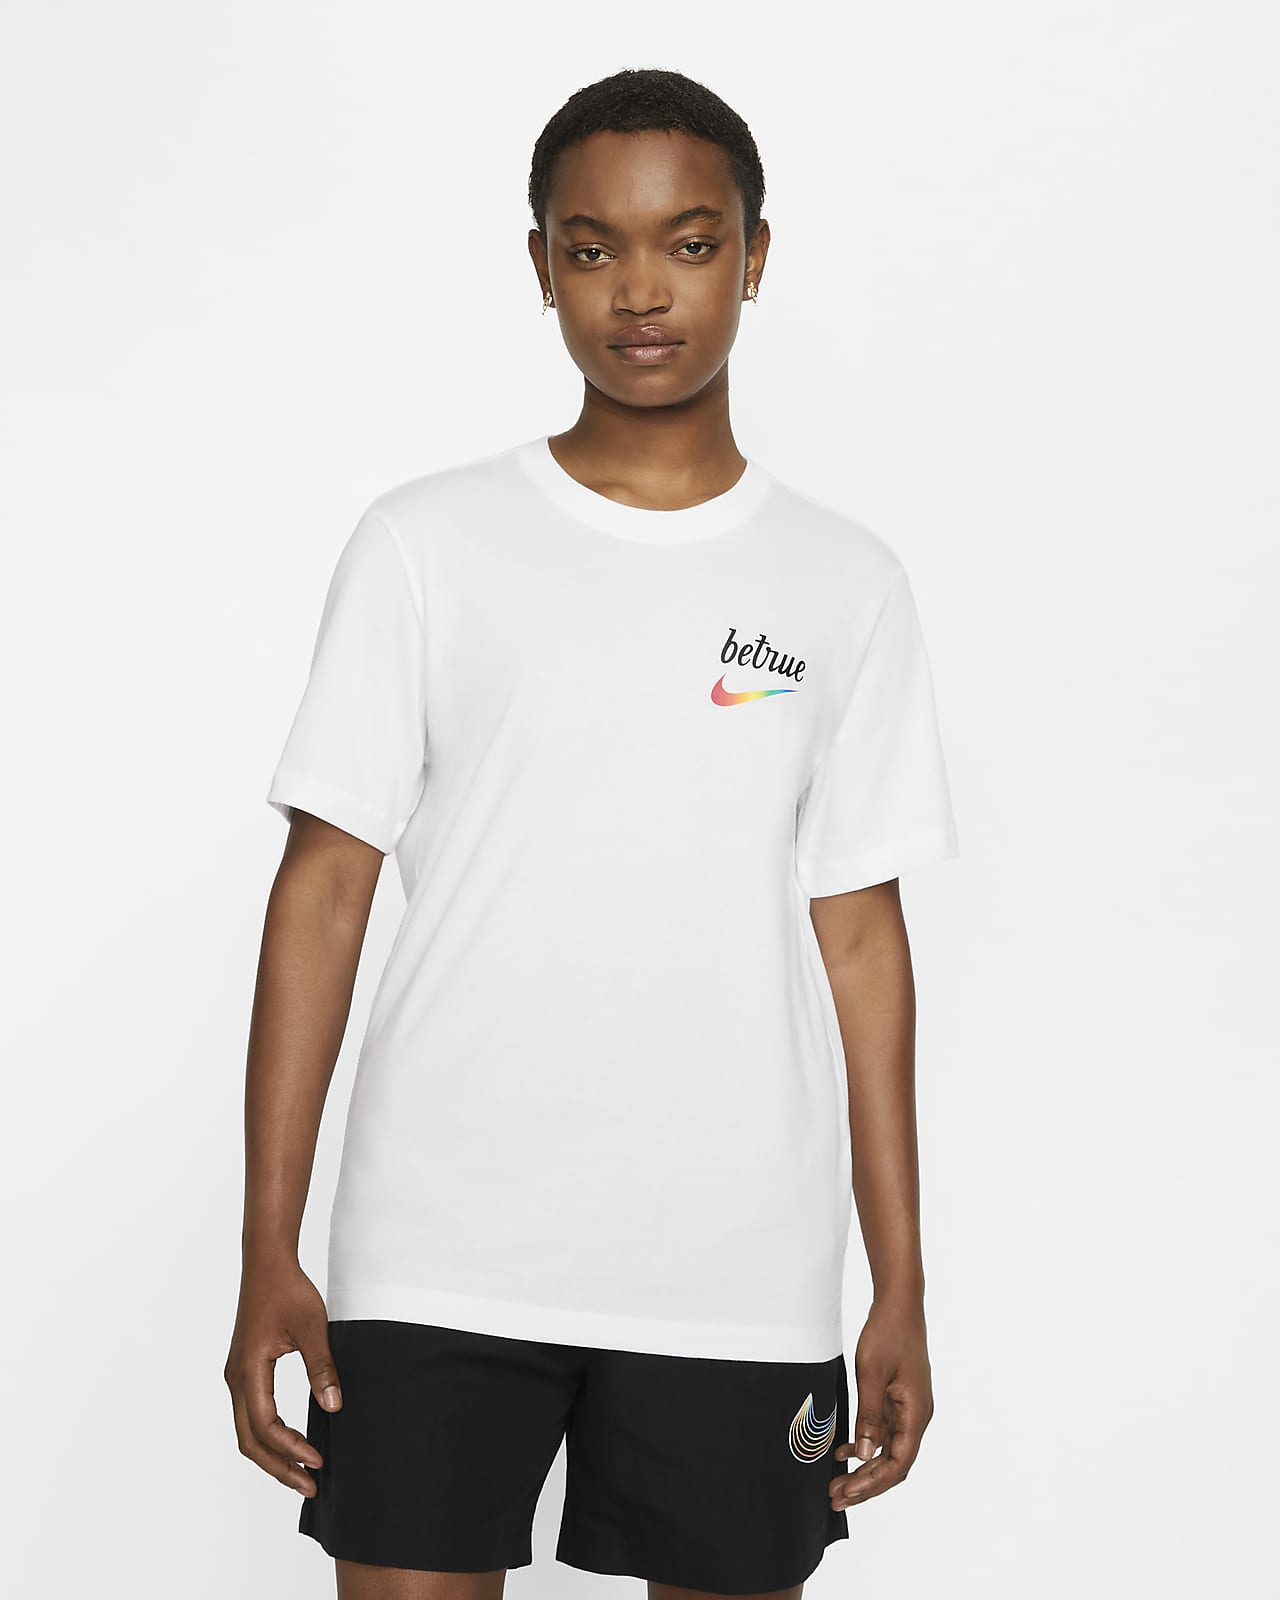 เสื้อยืดผู้ชาย Nike Sportswear Be True